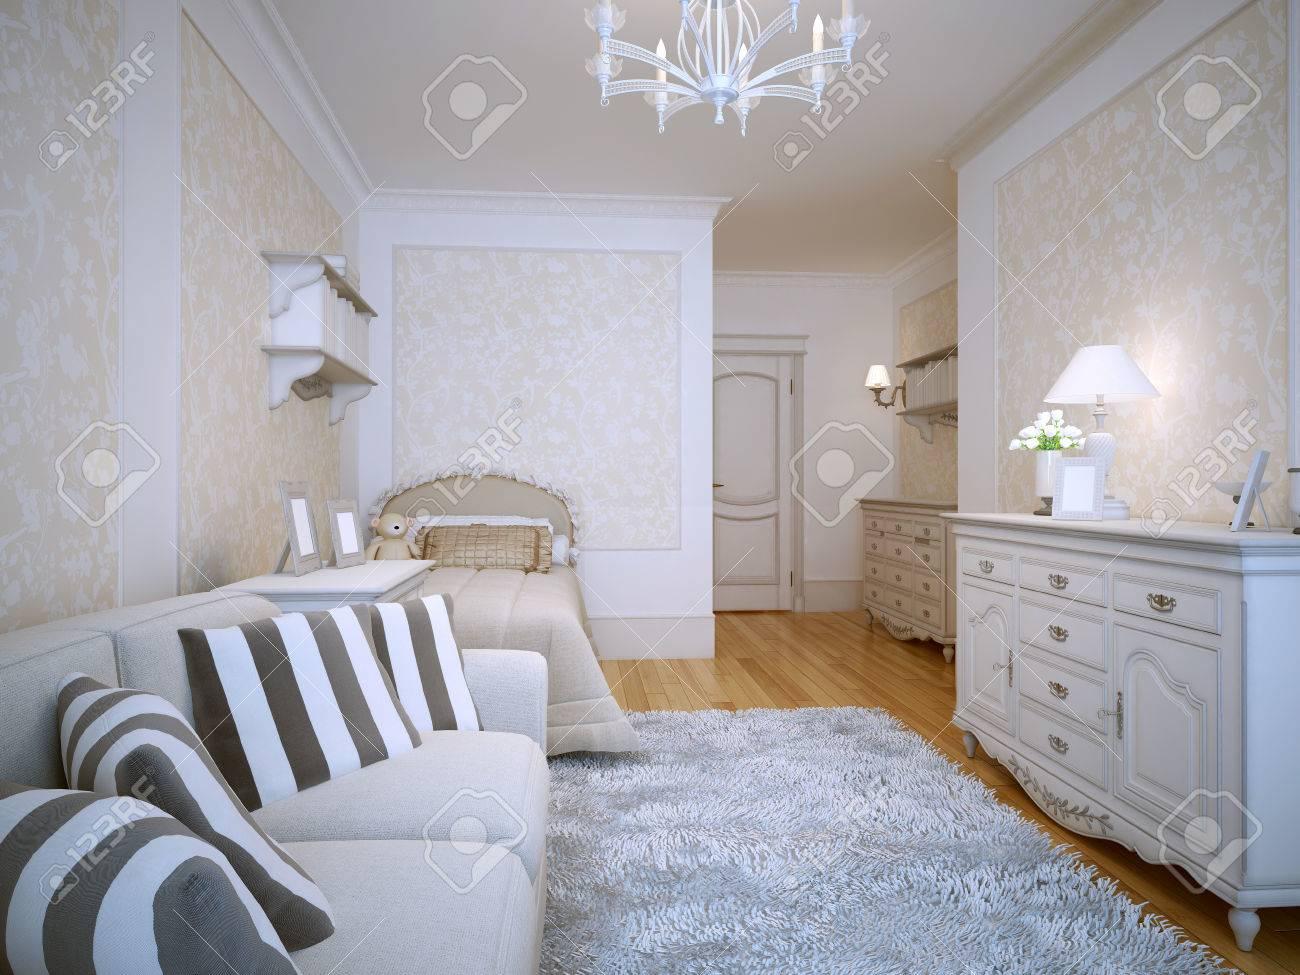 spaziosa camera da letto in stile classico. mobili bianchi ... - Cuscini Per Camera Da Letto